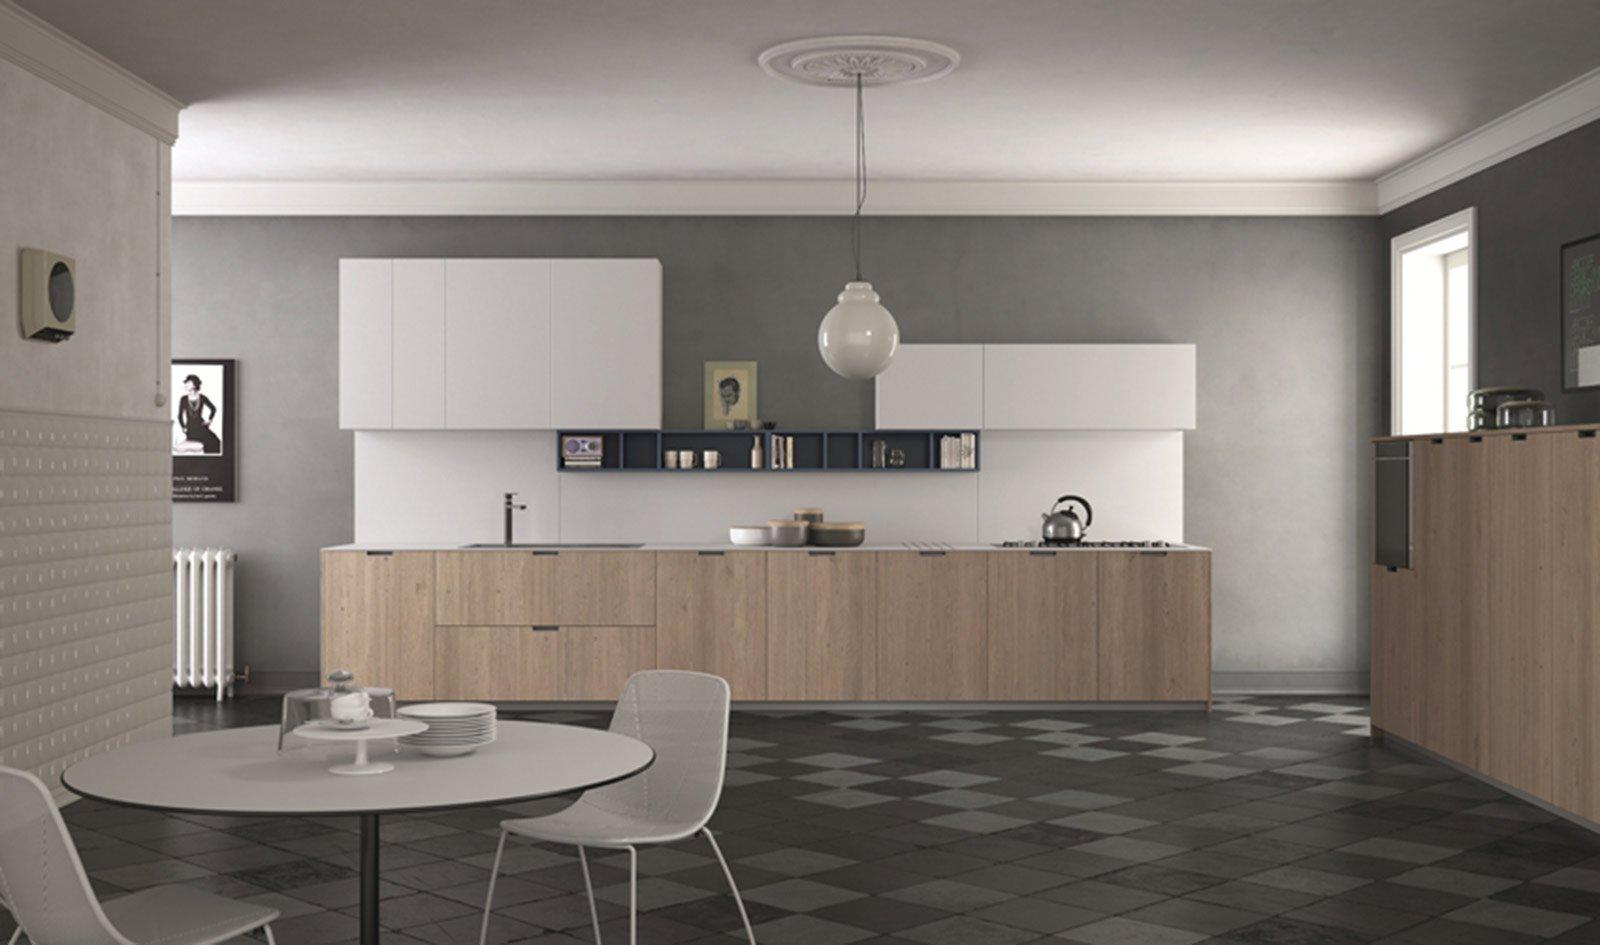 Juta E Laminato Bianco Bordo Laser La Cucina Style Di Doimo Cucine  #5C5147 1600 945 Foto Di Cucine Arte Povera